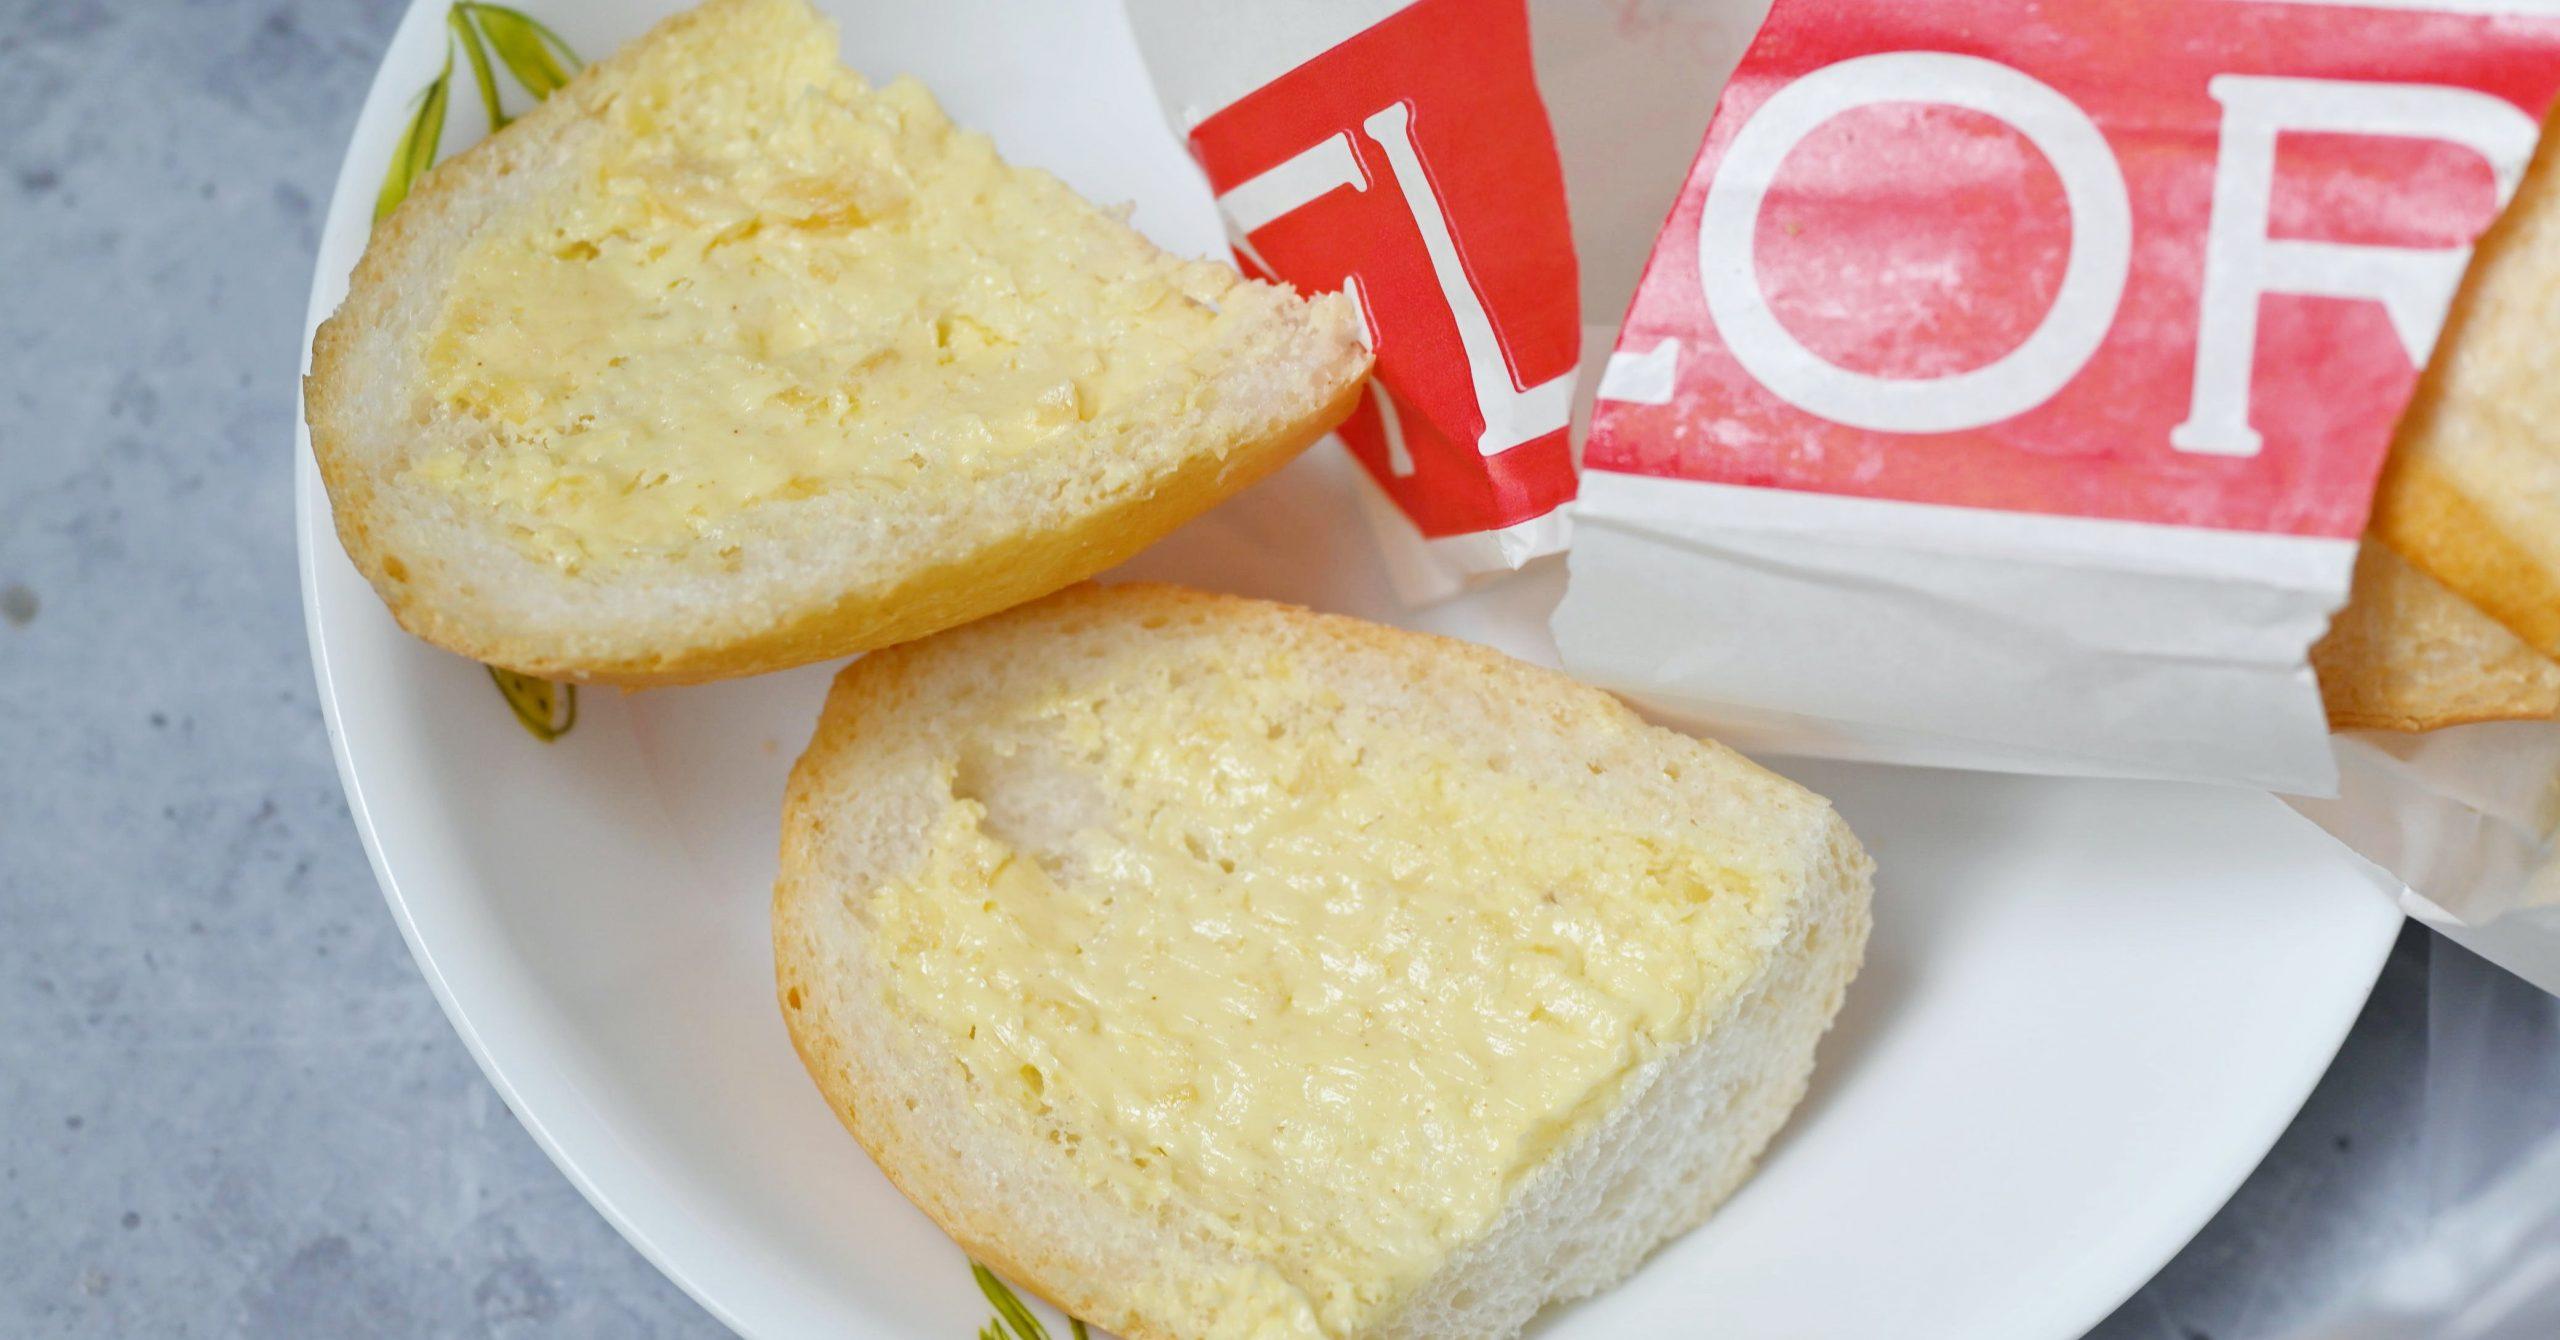 福利麵包,福利麵包推薦,福利麵包大蒜麵包,奶油大蒜法包 @Nash,神之領域